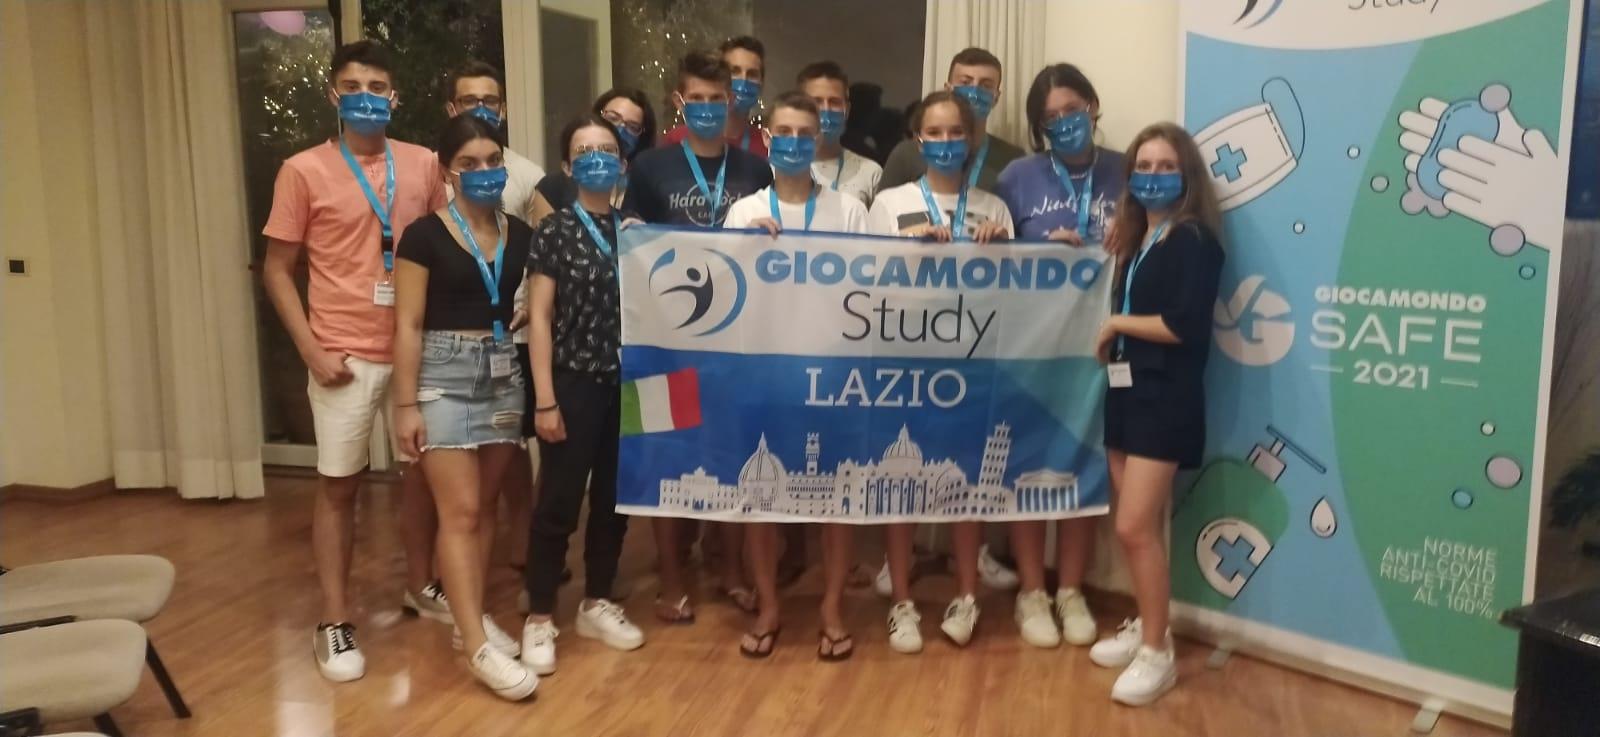 30 luglio 2021 Archivi - Giocamondo Study-WhatsApp-Image-2021-07-29-at-23.05.13-3